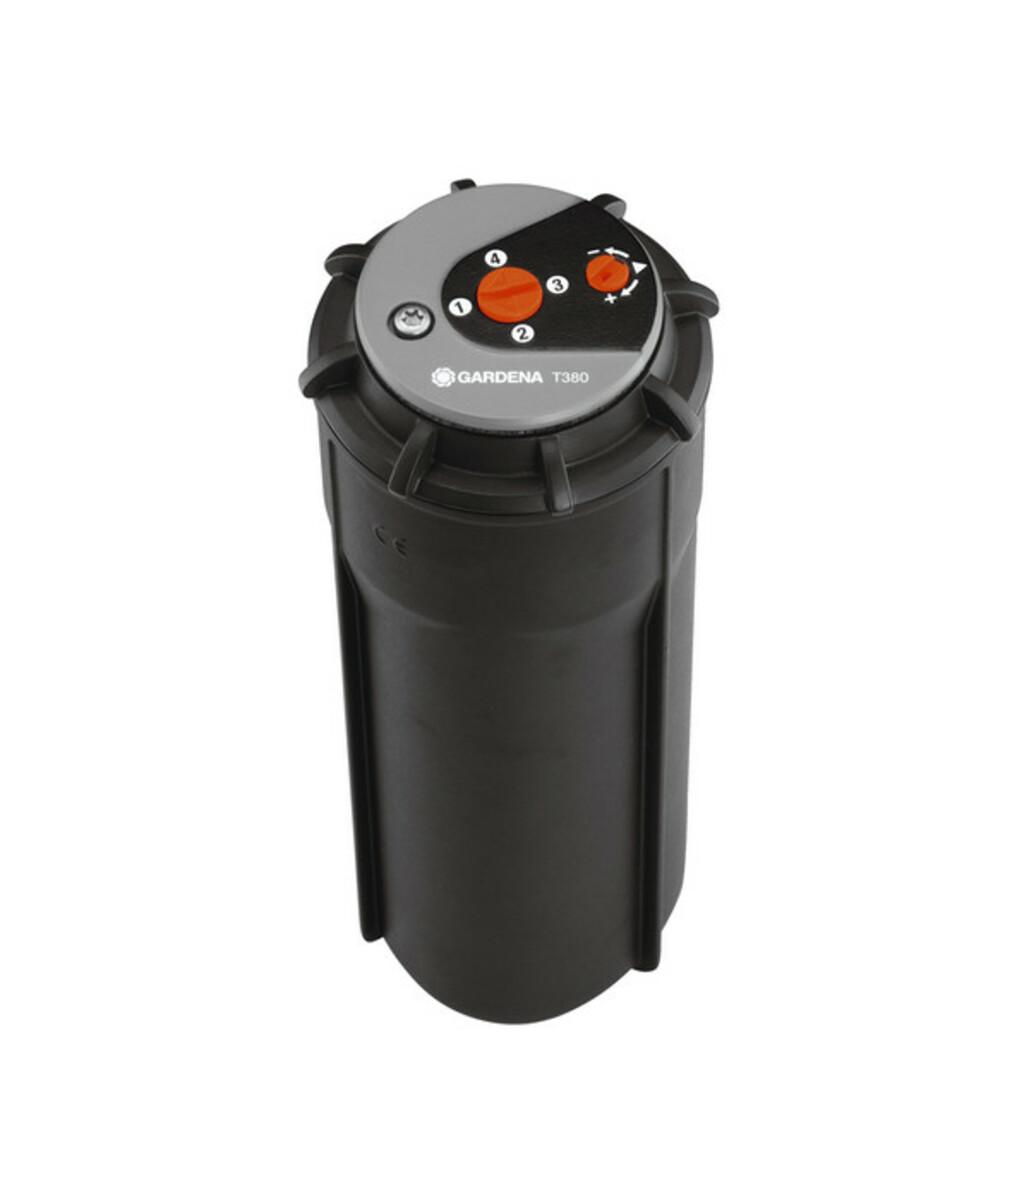 Bild 3 von GARDENA Sprinklersystem Turbinen-Versenkregner T 380